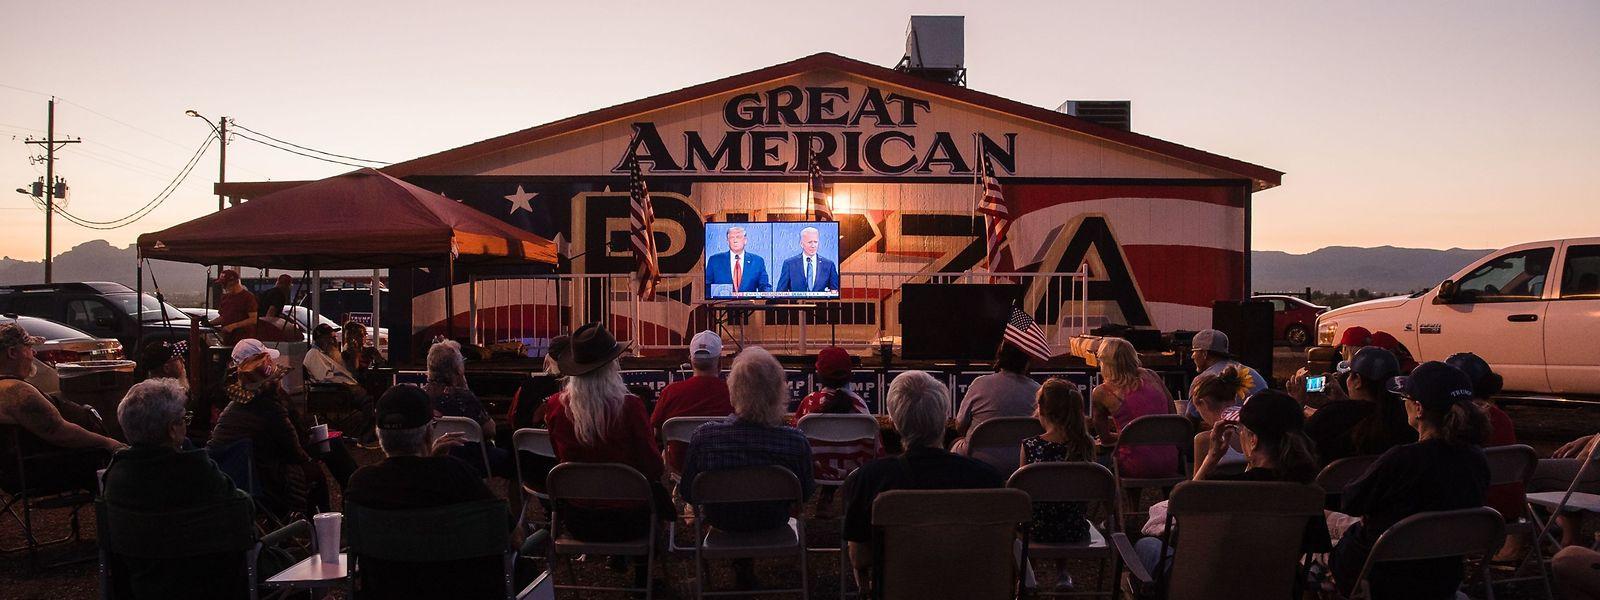 Anhänger von US-Präsident Donald Trump verfolgen die zweite TV-Debatte vor einem Pizza-Restaurant in Arizona.